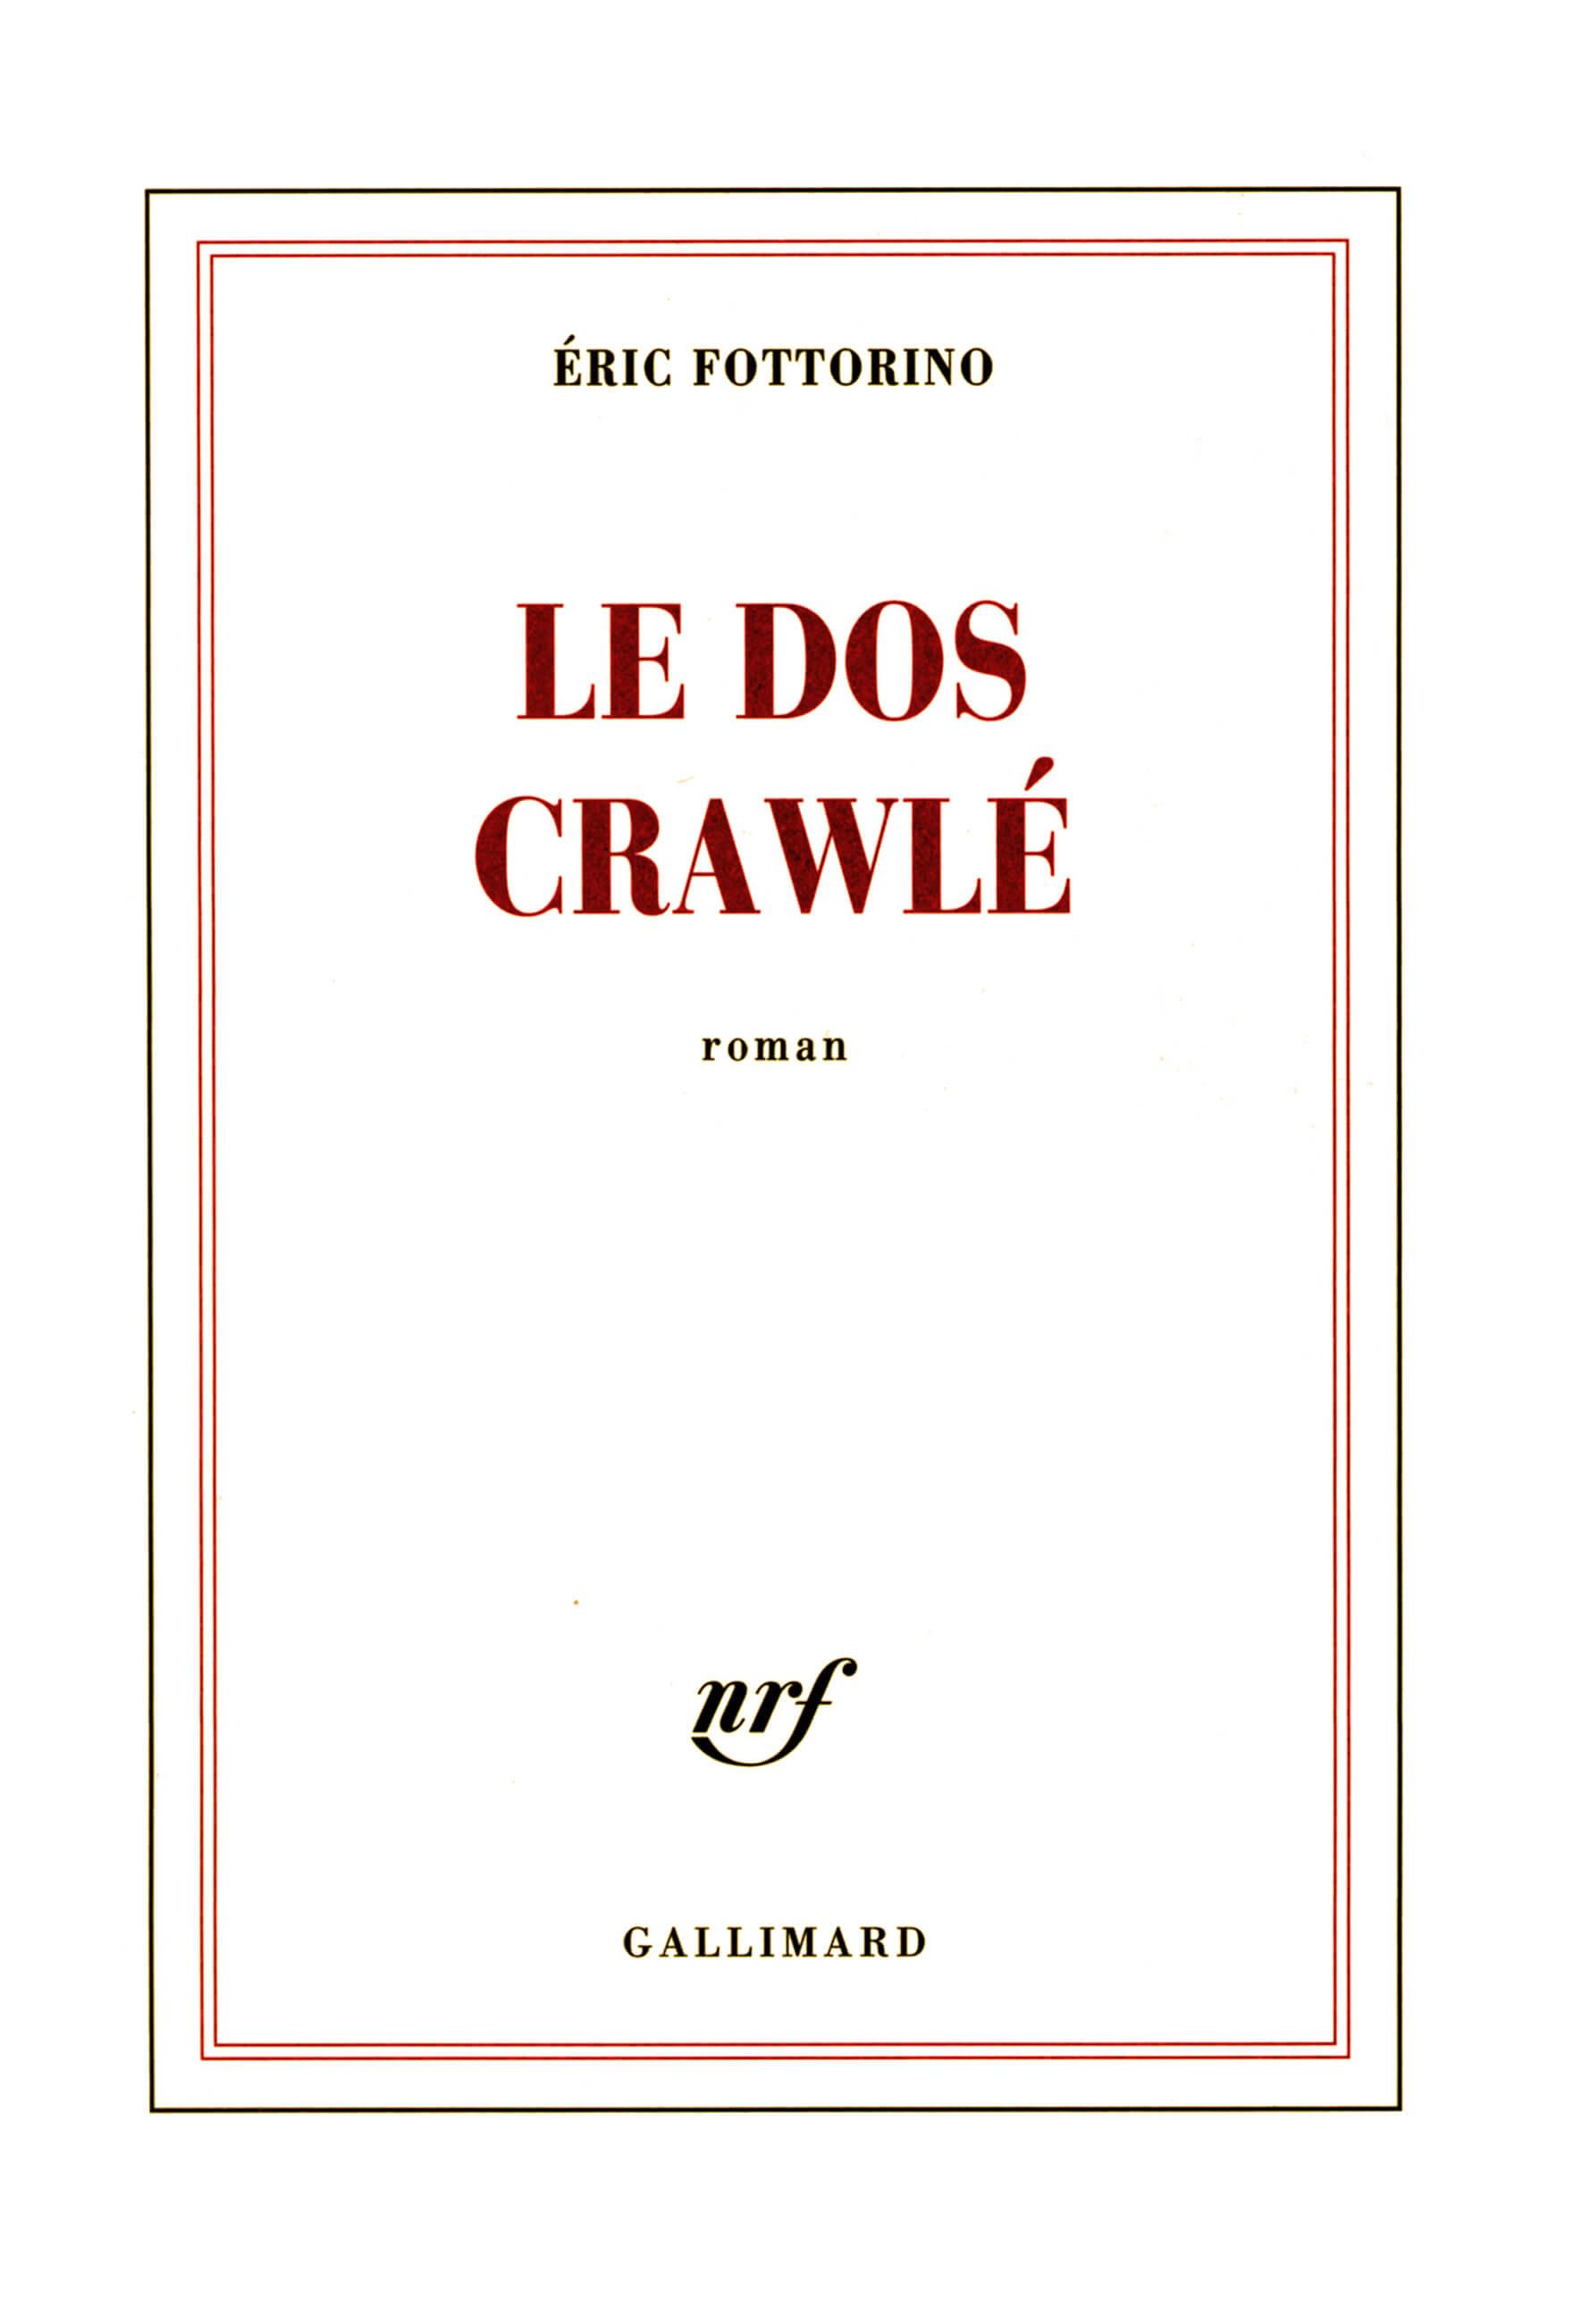 PDM 2012 - Éric FOTTORINO - Le dos crawlé - Éditions Gallimard